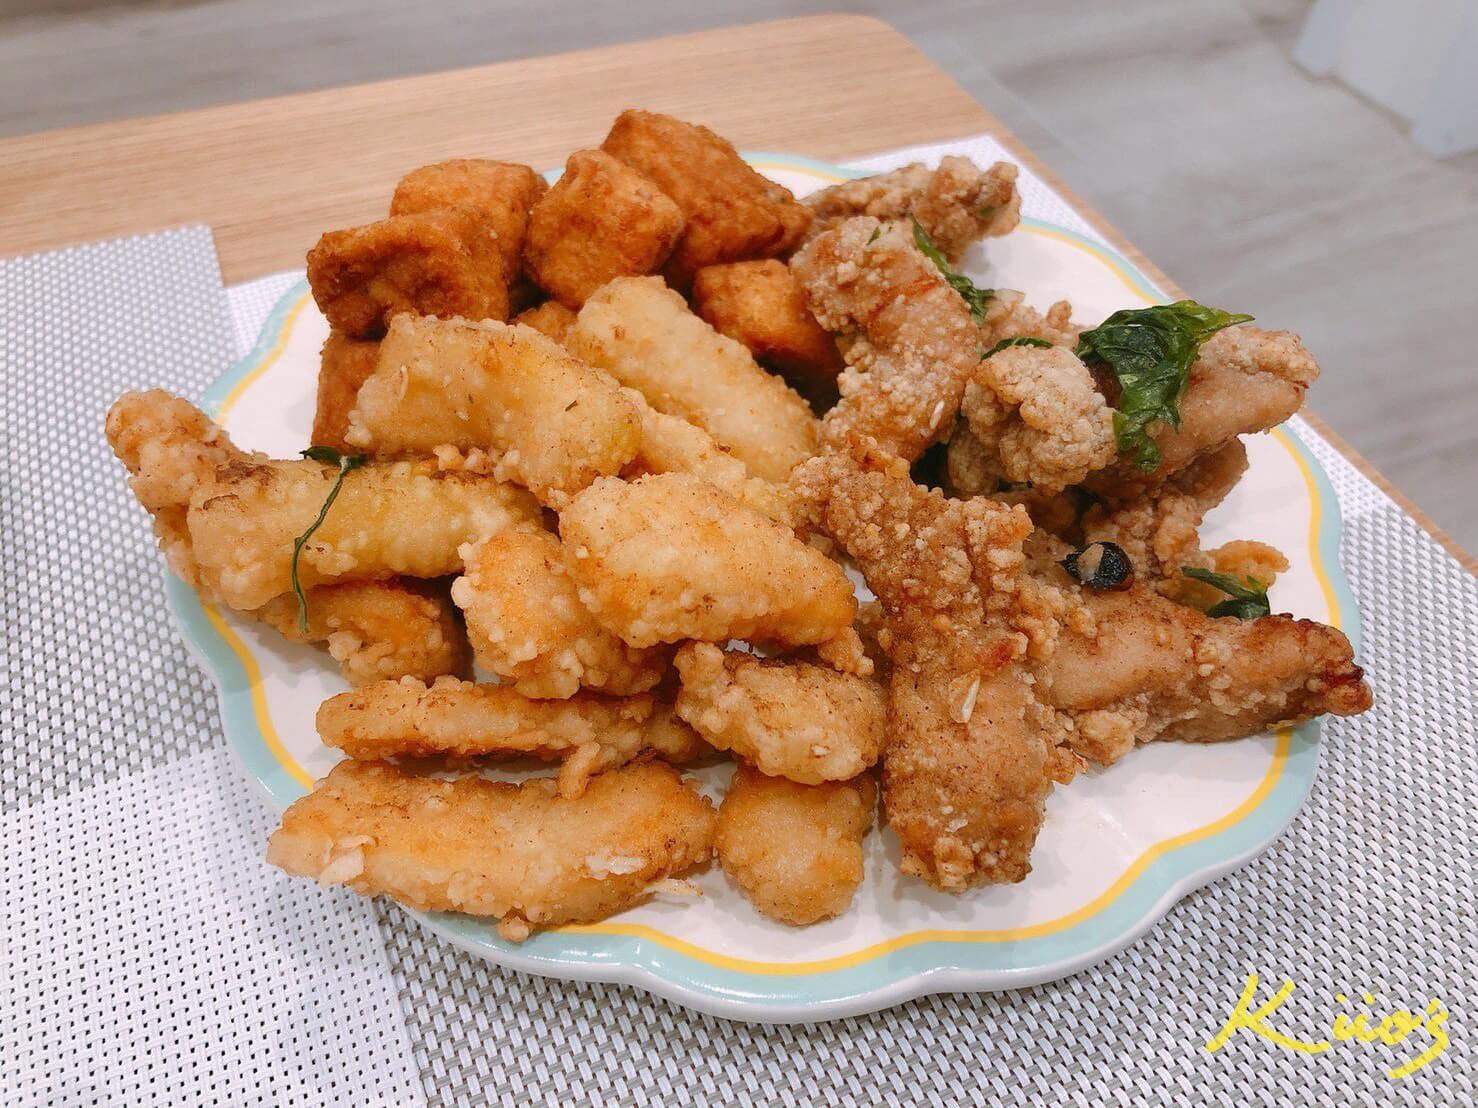 【台北必吃推薦】師園鹹酥雞-7折吃到地表最濃蒜味人氣美食(師大、西門店-雙人套餐